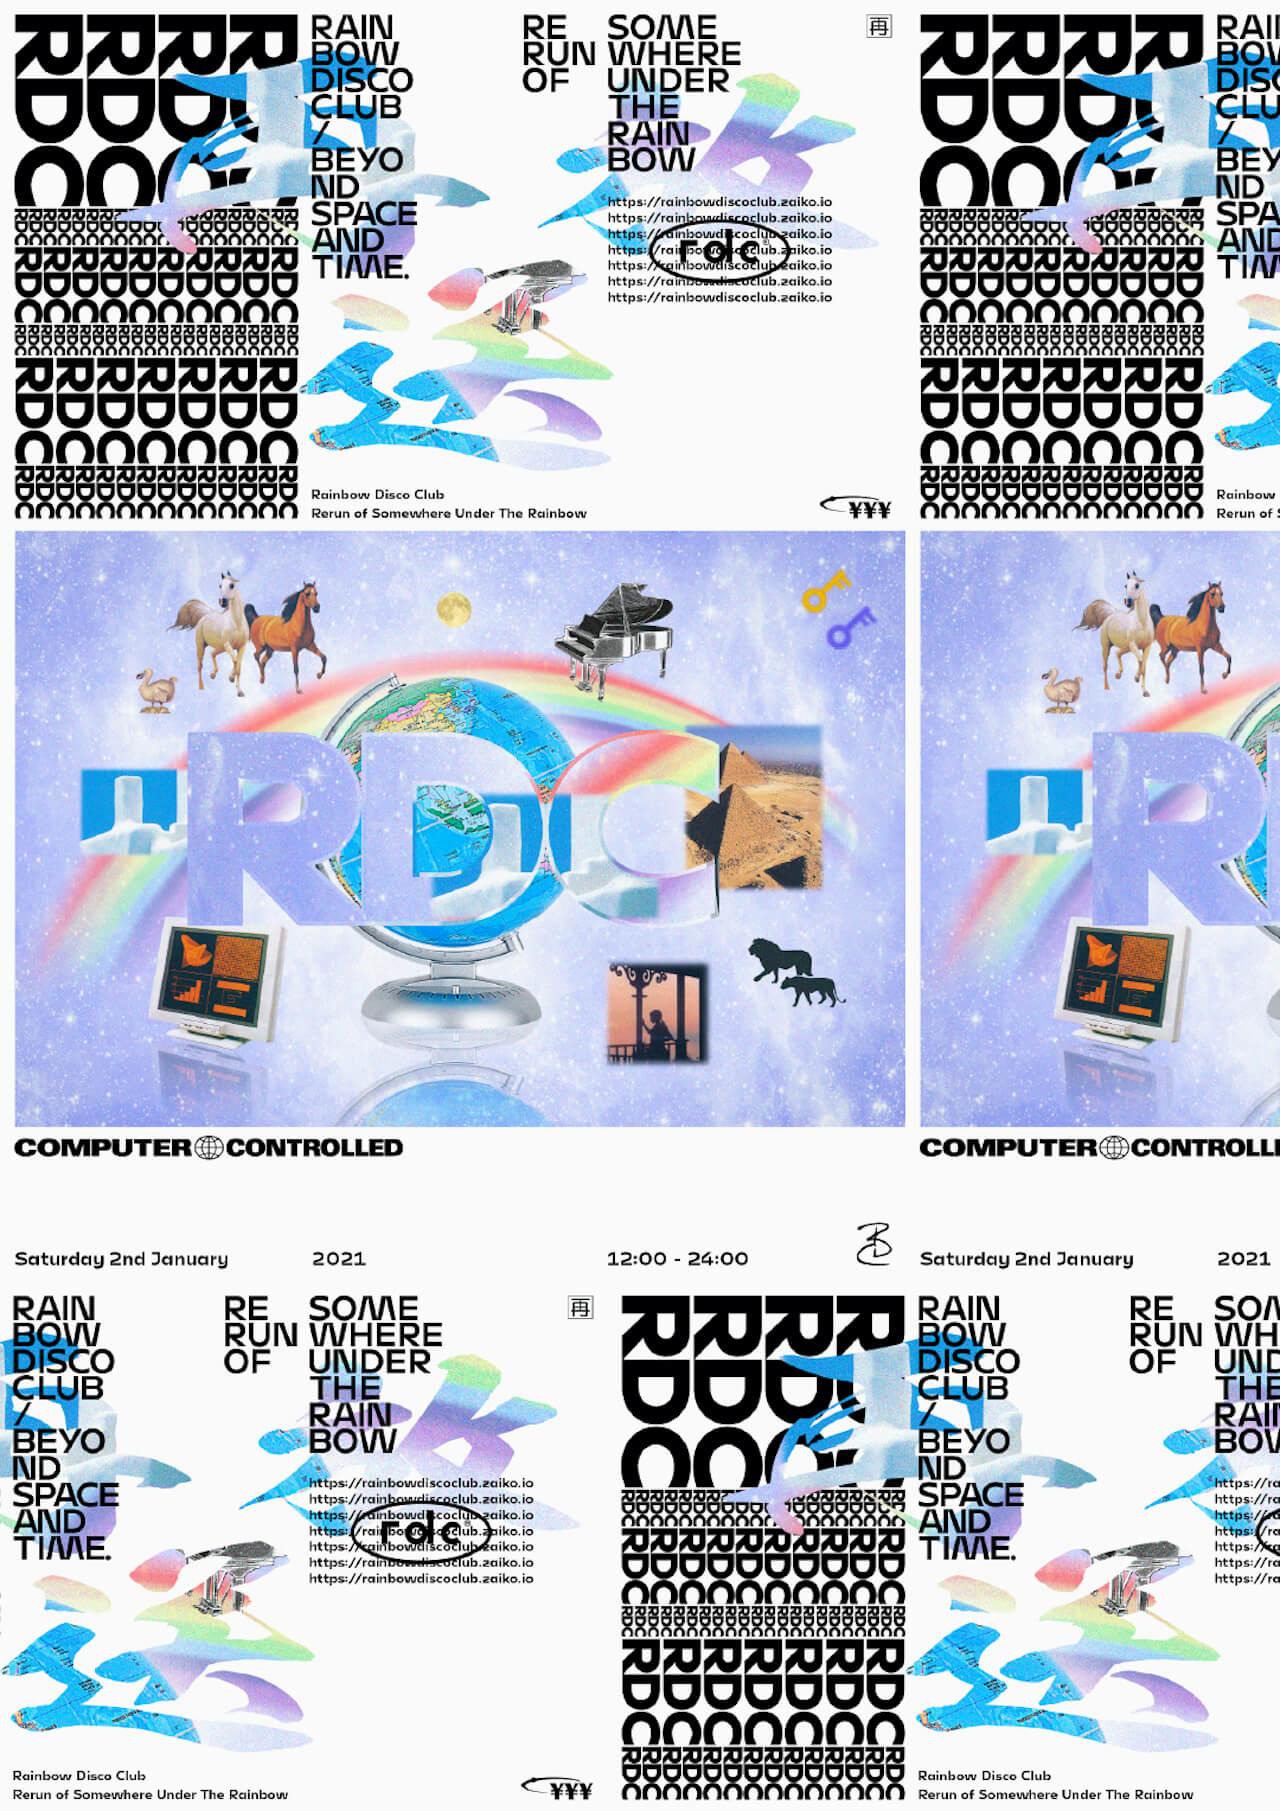 お正月は<Rainbow Disco Club>で初踊りを!今年4月の12時間動画配信が再放送決定 music201225-rainbowdiscoclub-1